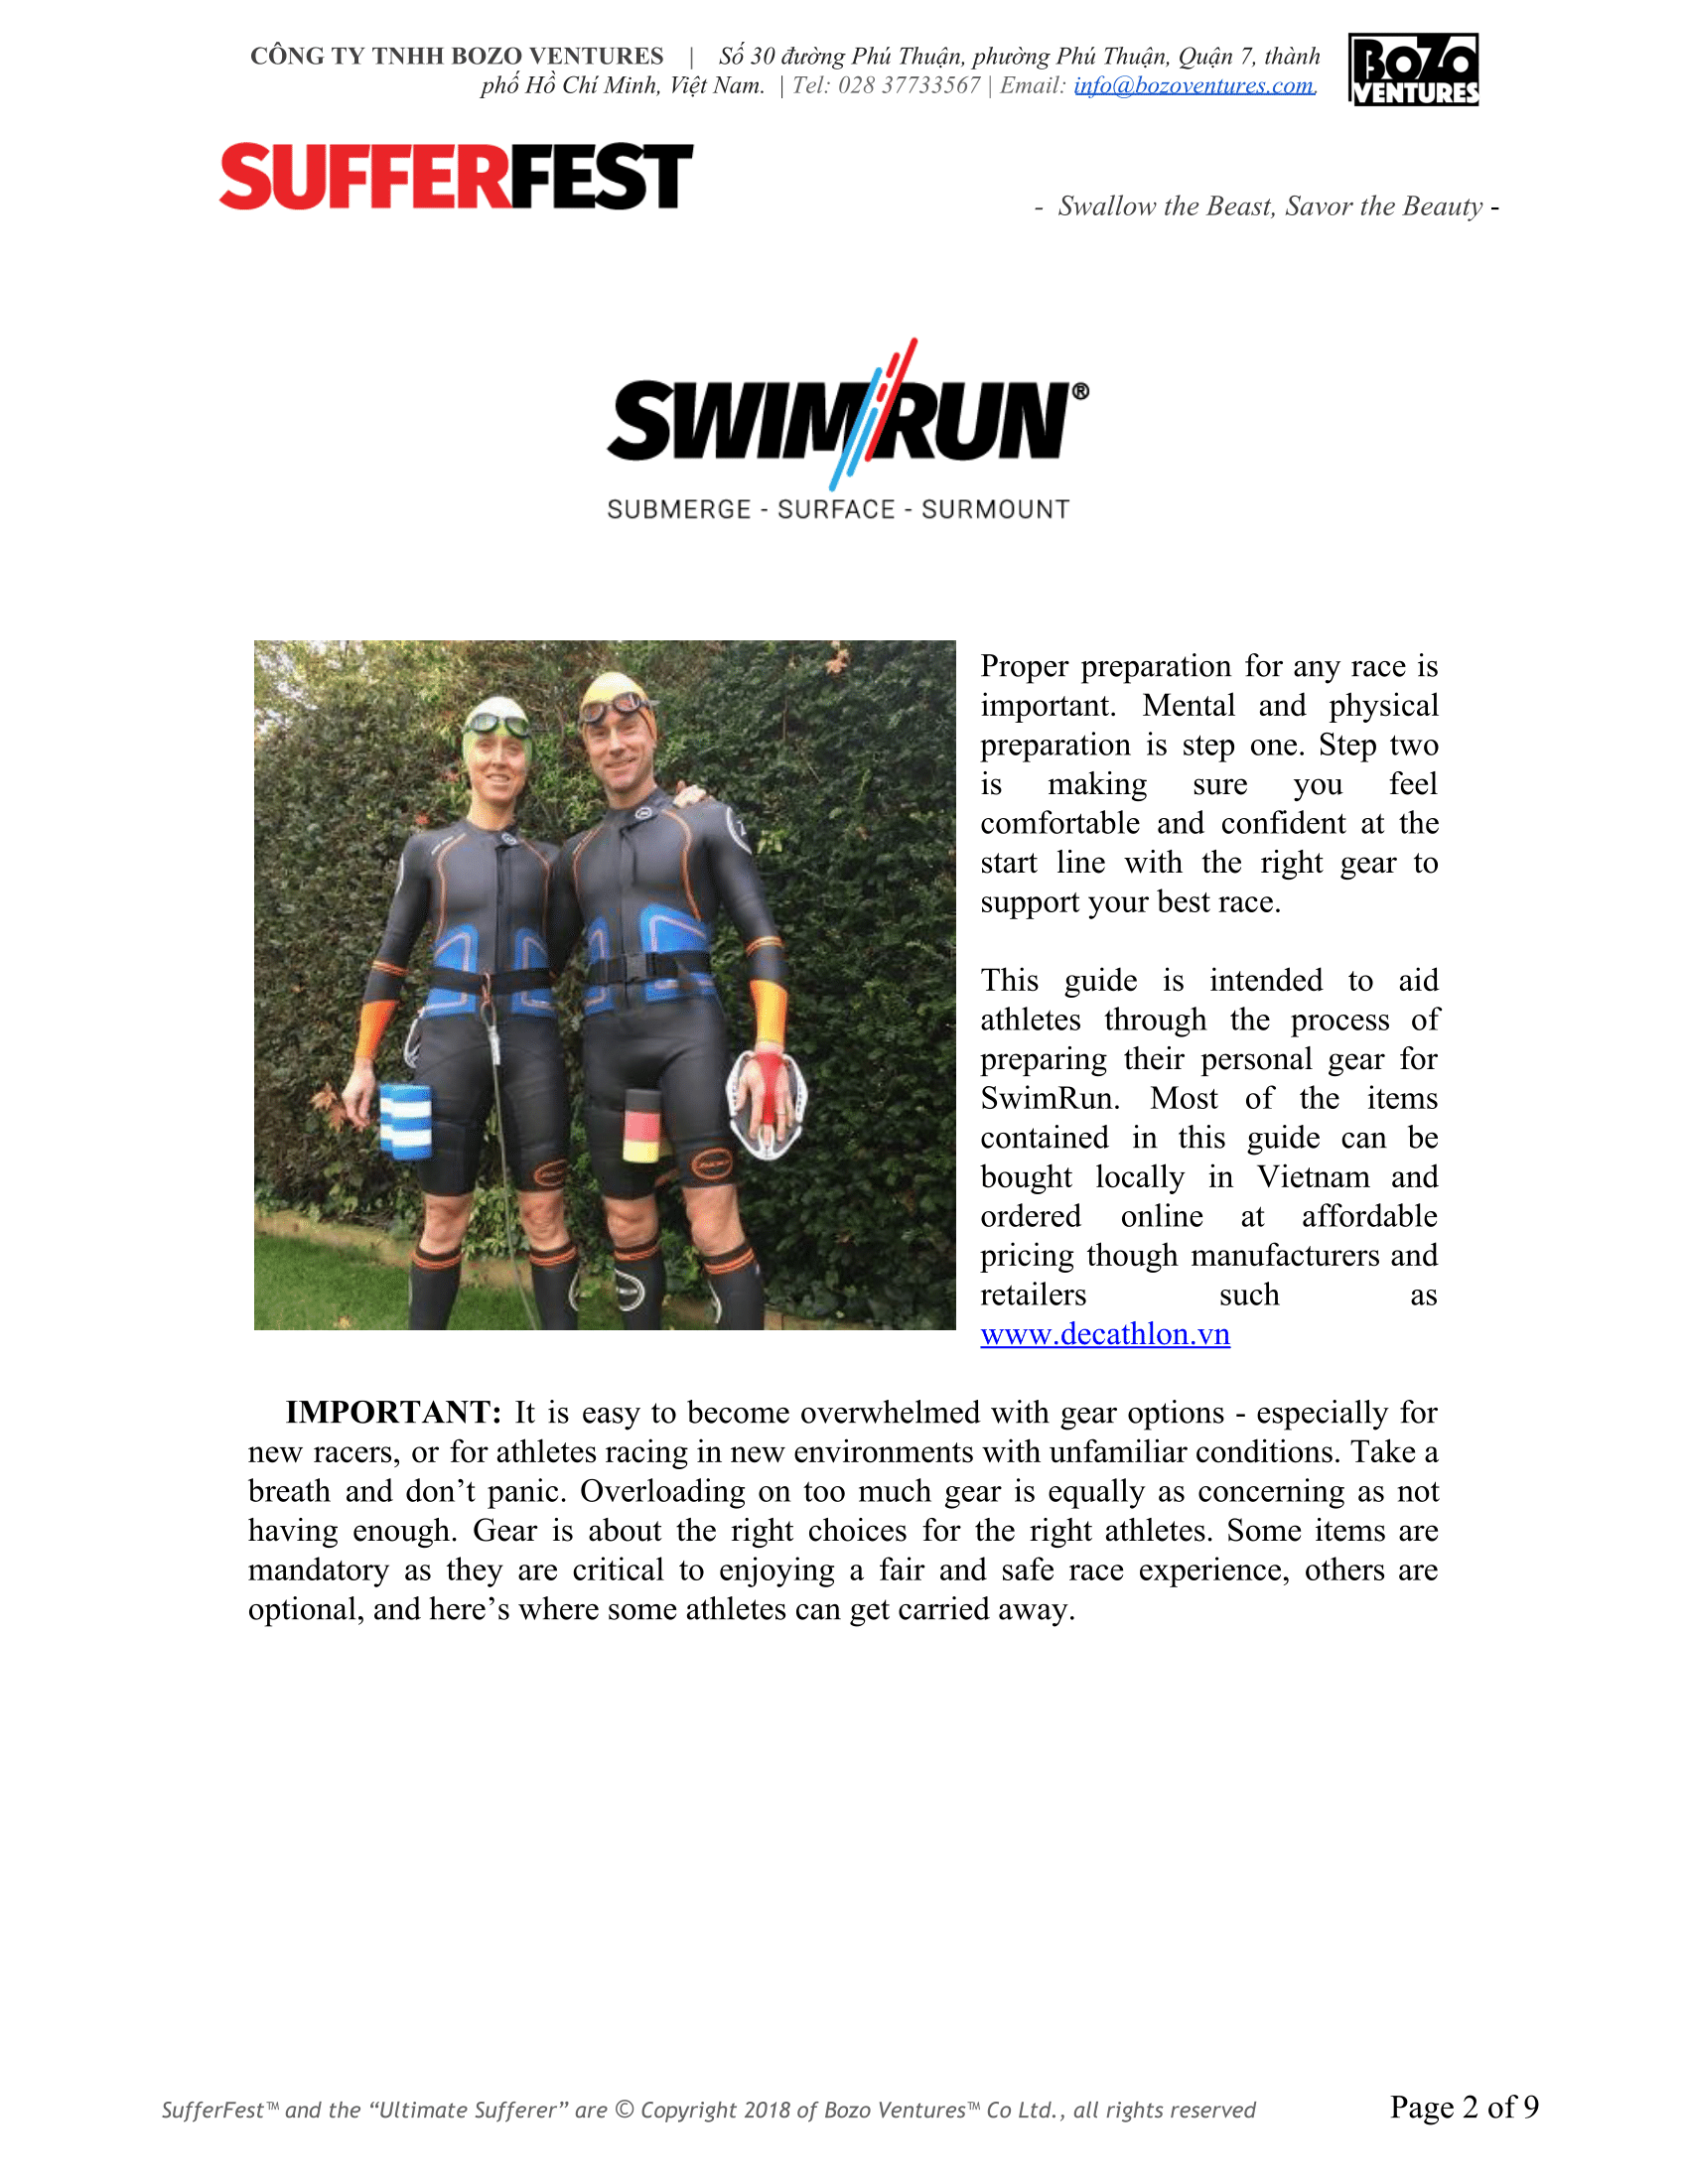 [ENG] SufferFest™ - SwimRun Gear Guide -2.png